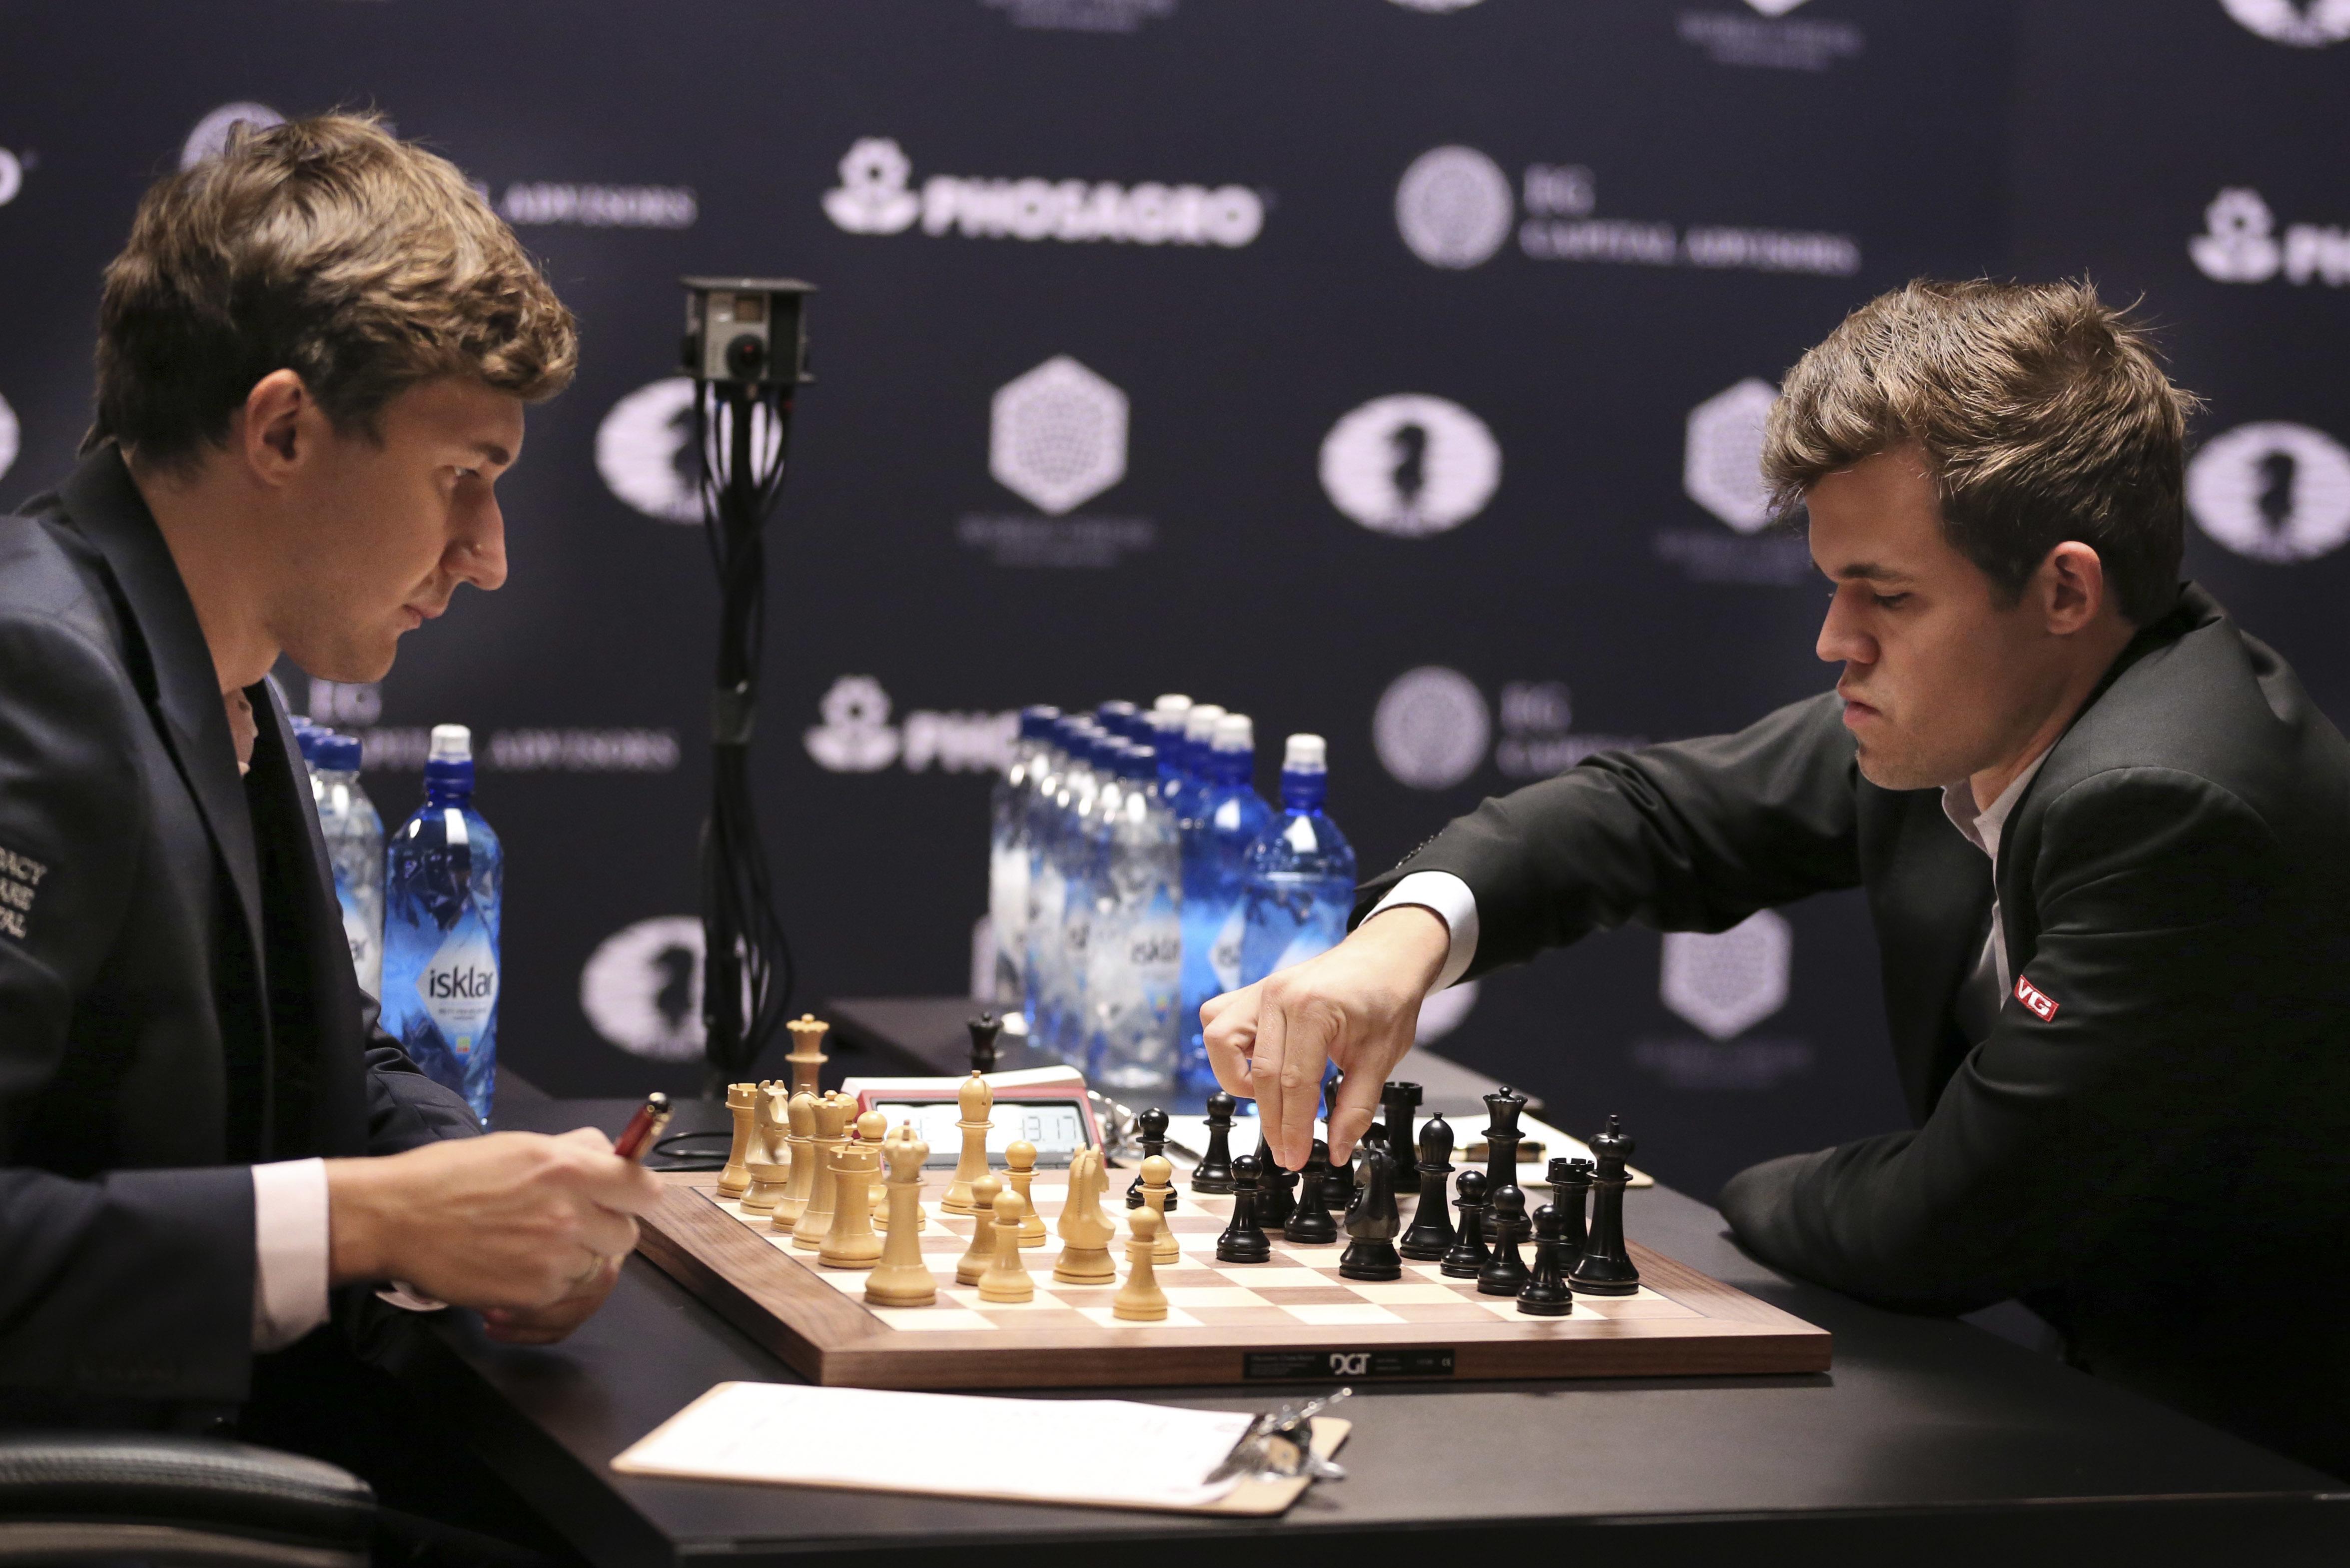 Сергей Карякин (слева) и Магнус Карлсен (справа) играют в Нью-Йорке за мировую шахматную корону.